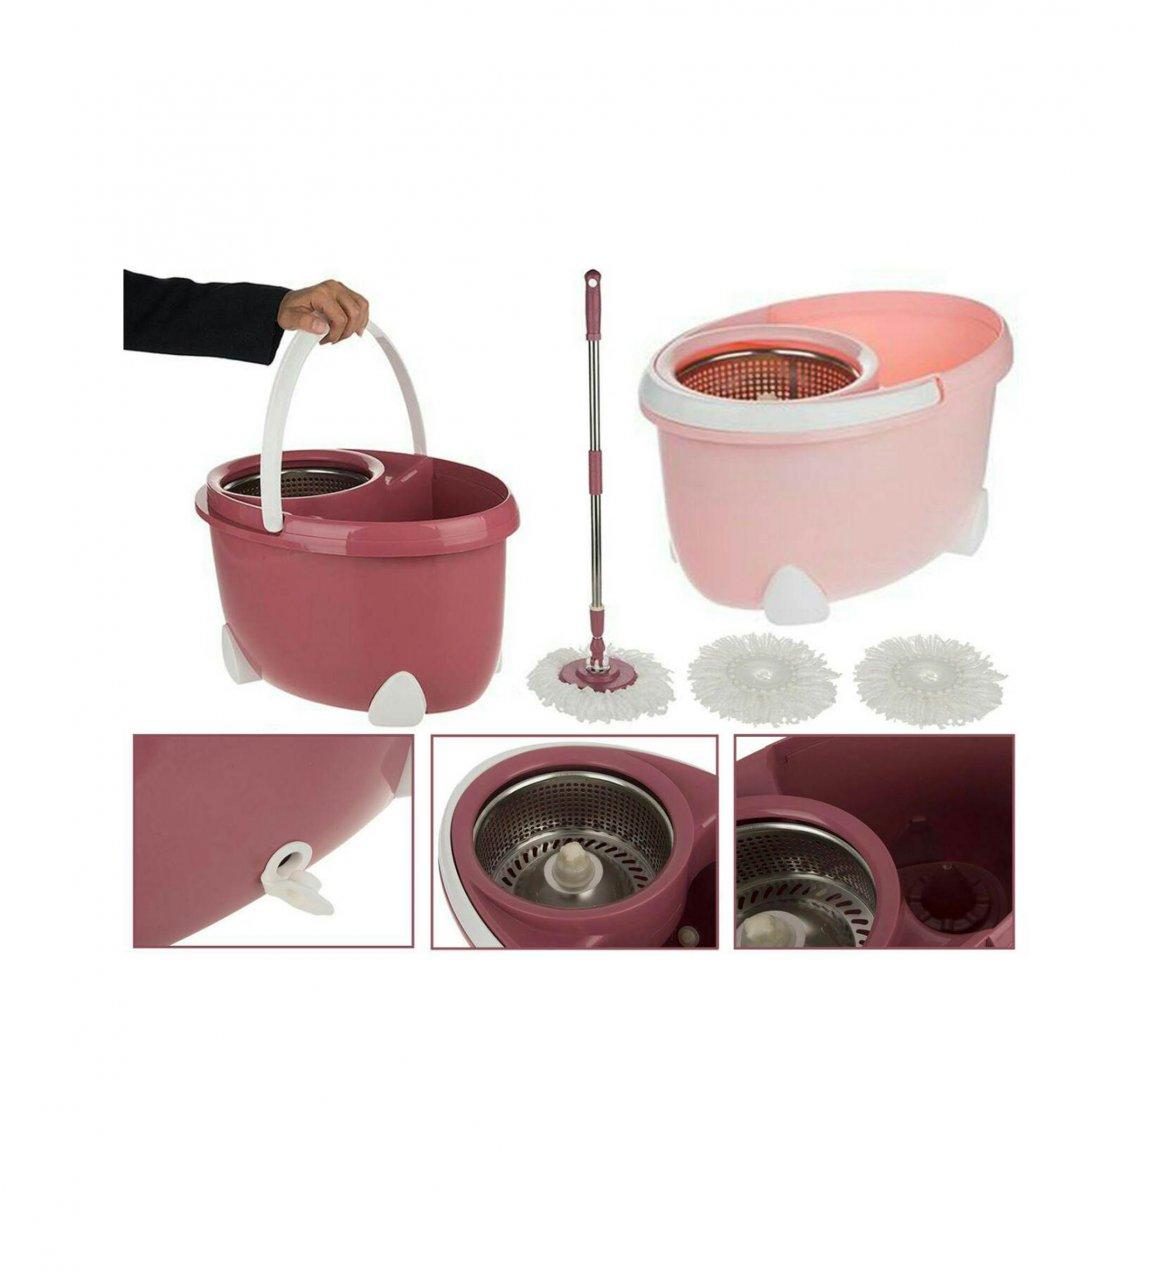 سطل و زمين شوی همارا مدل Rotating Bucket 7710